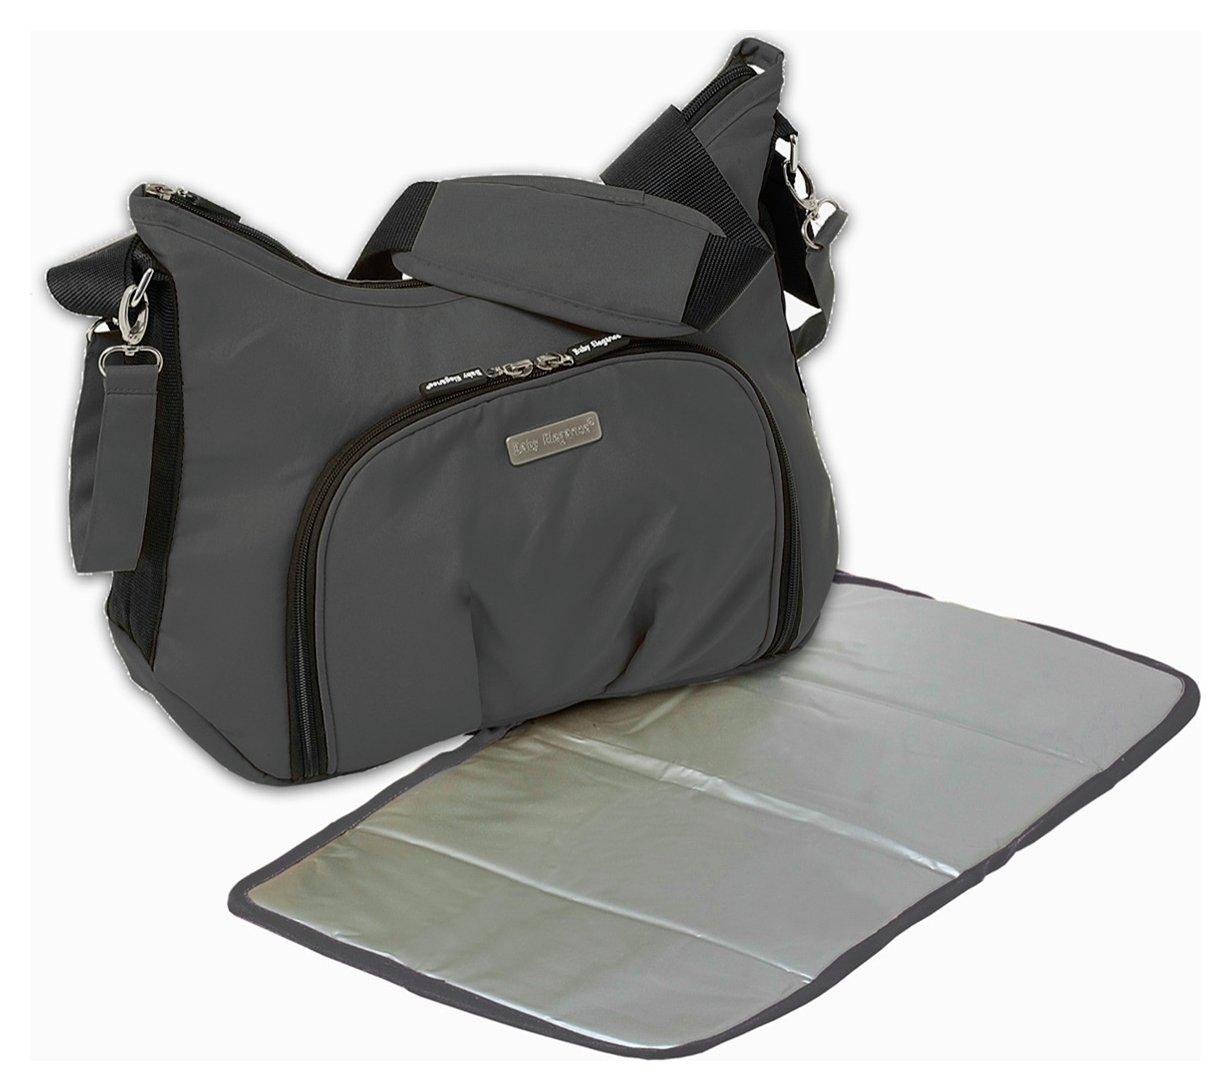 Image of Baby Elegance Cody Saddle Bag - Black.